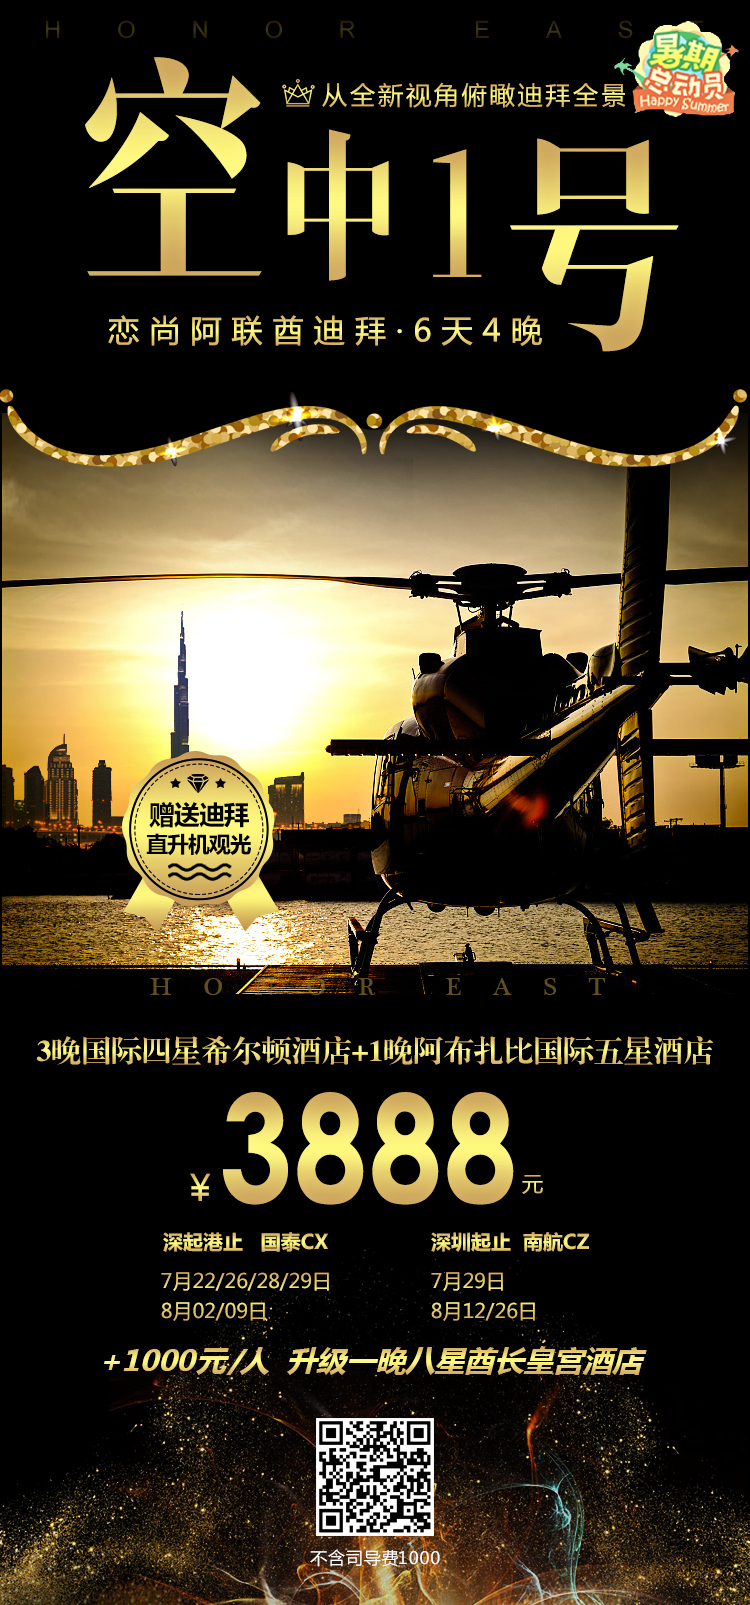 迪拜6天4晚 深圳/香港直飞 报名即送超值直升飞机体验